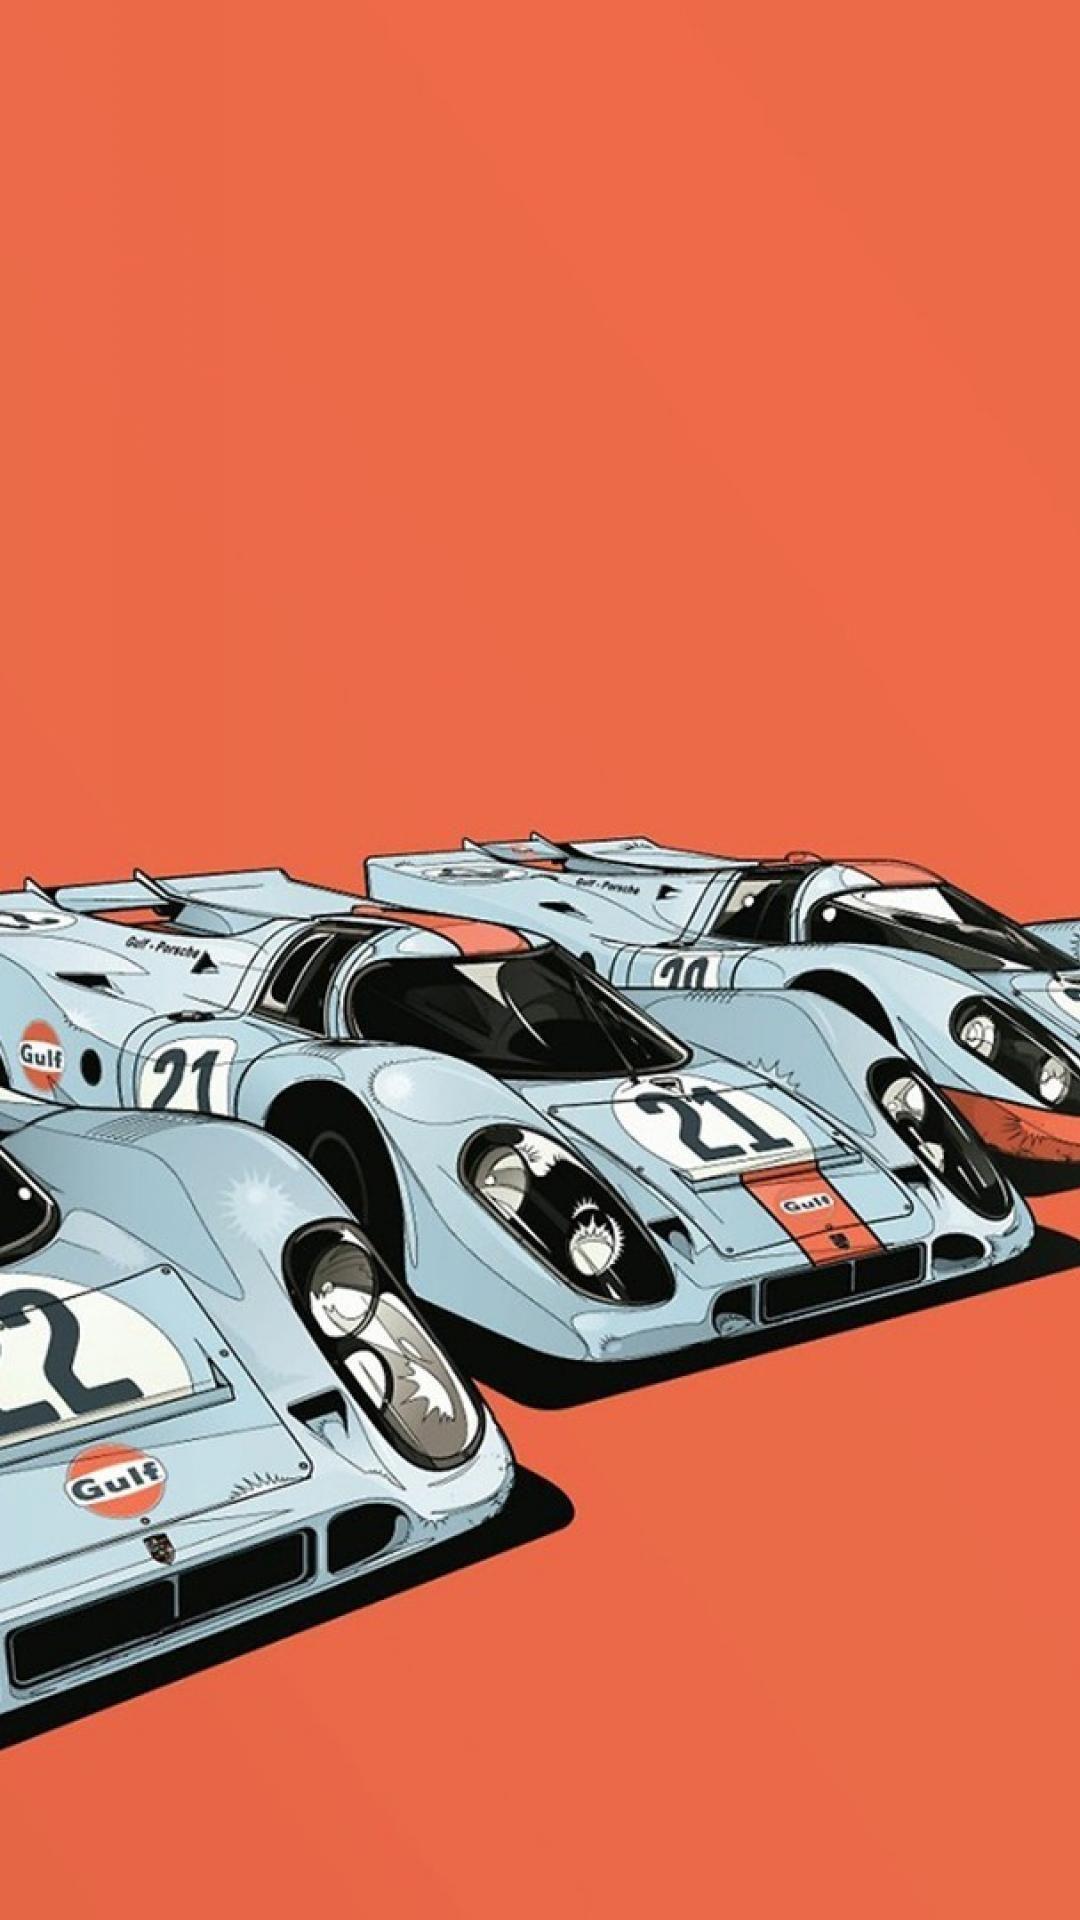 Porsche 917 Wallpapers Wallpaper Cave